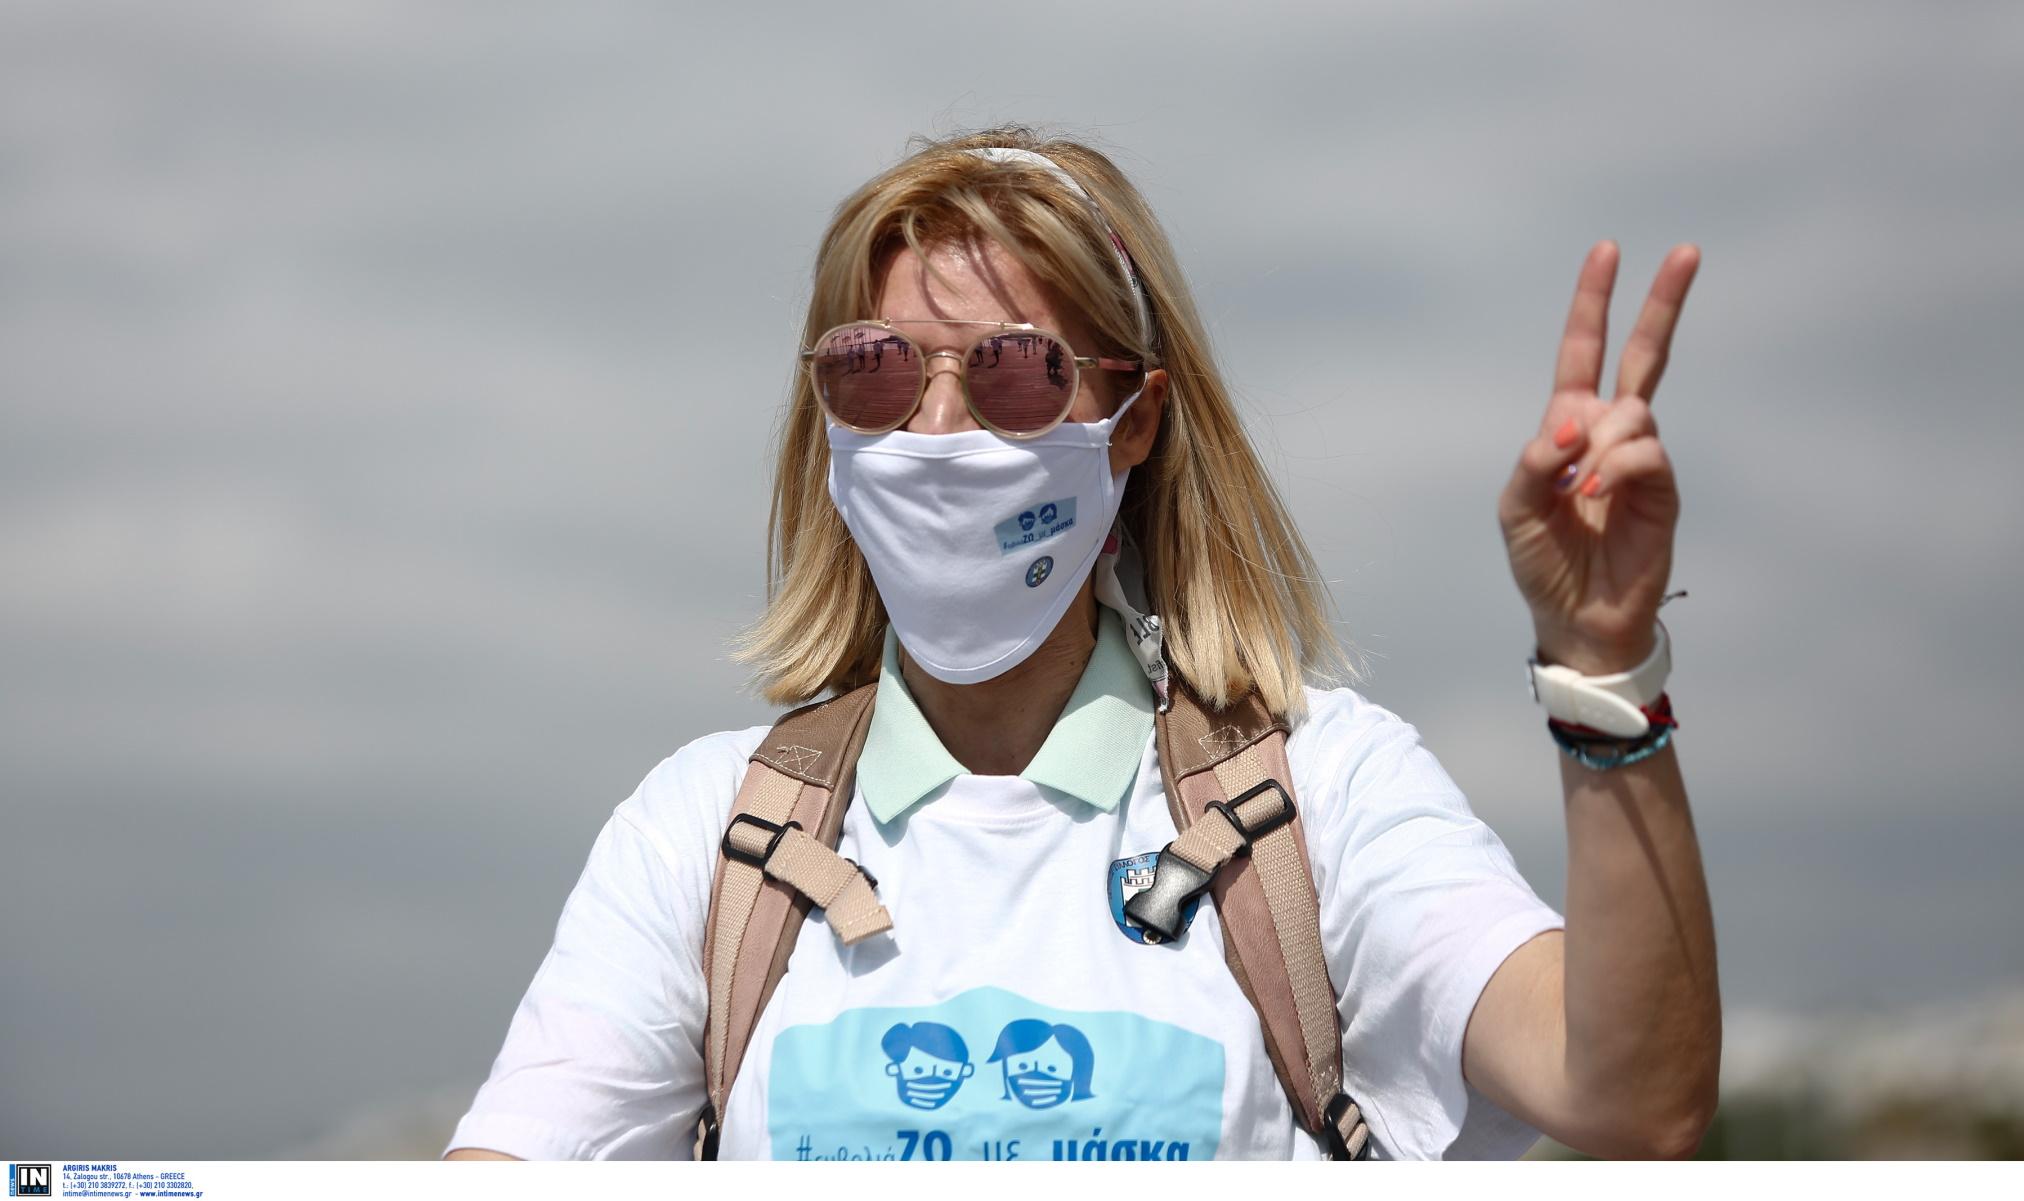 Κορονοϊός: 2,4 εκατ. μάσκες κακής ποιότητας κατασχέθηκαν το 2020 στην ΕΕ